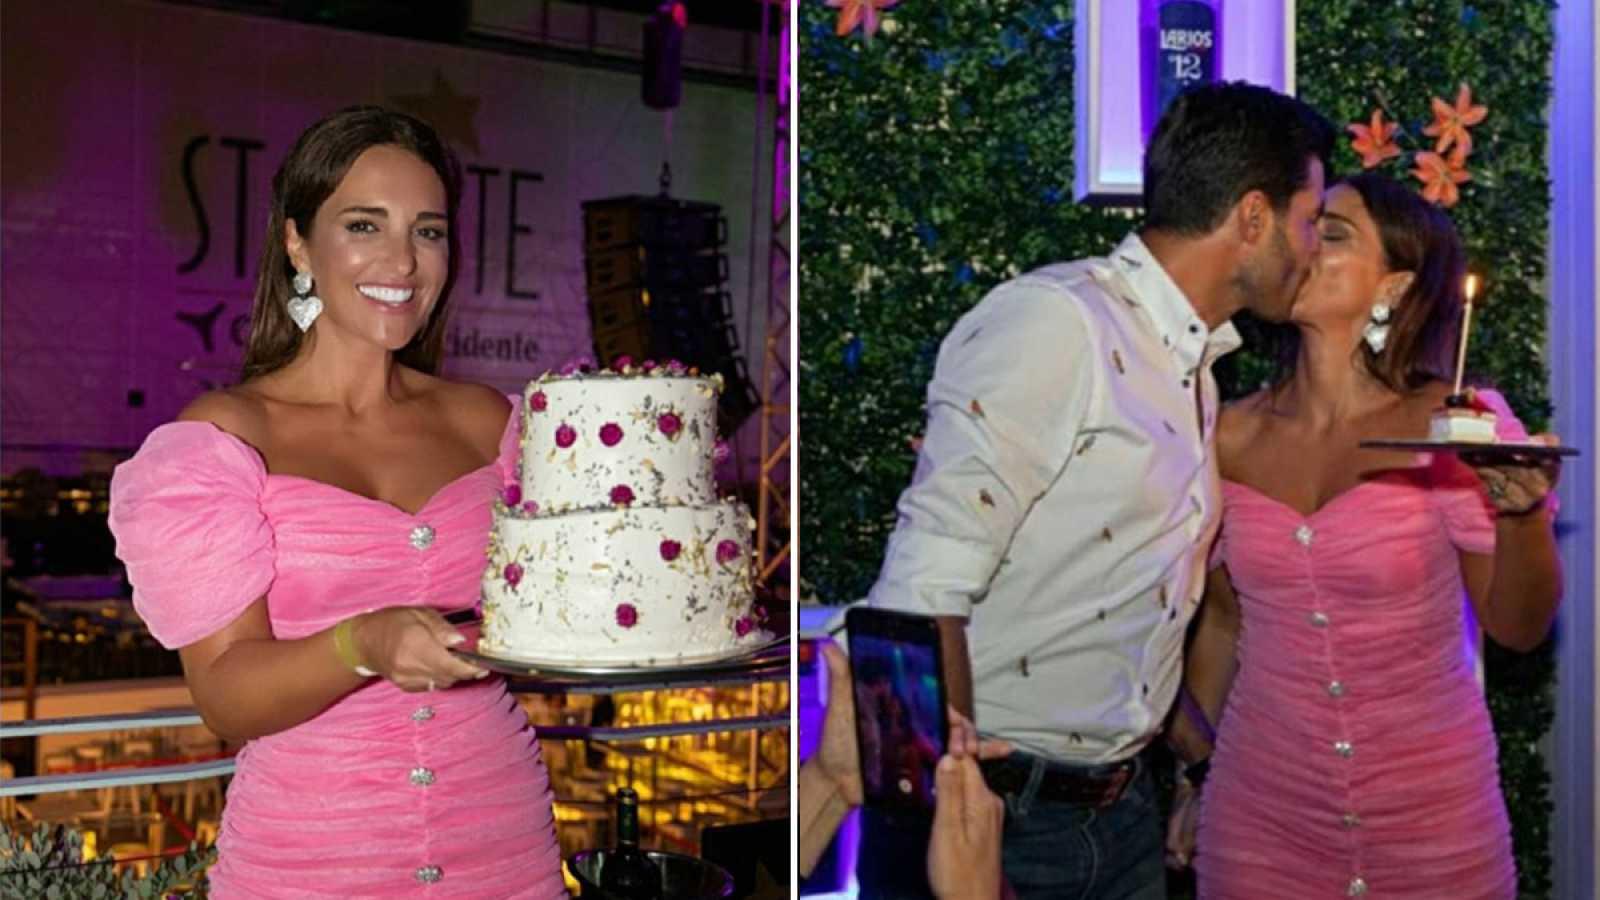 La gran fiesta de cumpleaños de Paula Echevarría